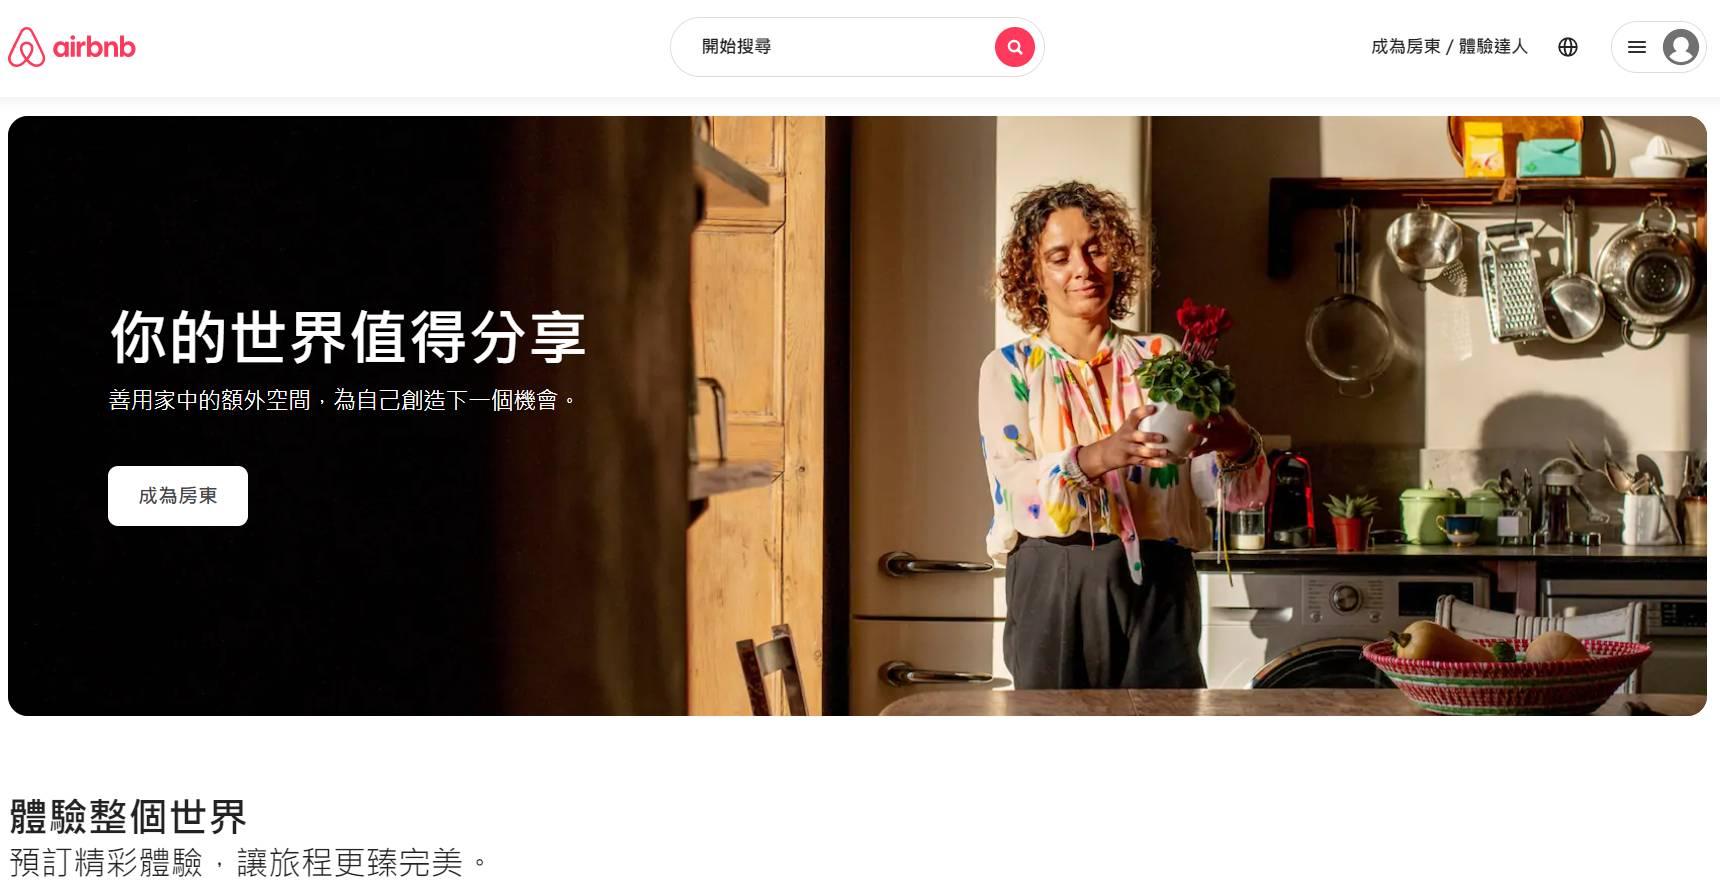 """Airbnb推出""""靈活彈性搜尋""""功能的新型態旅行"""